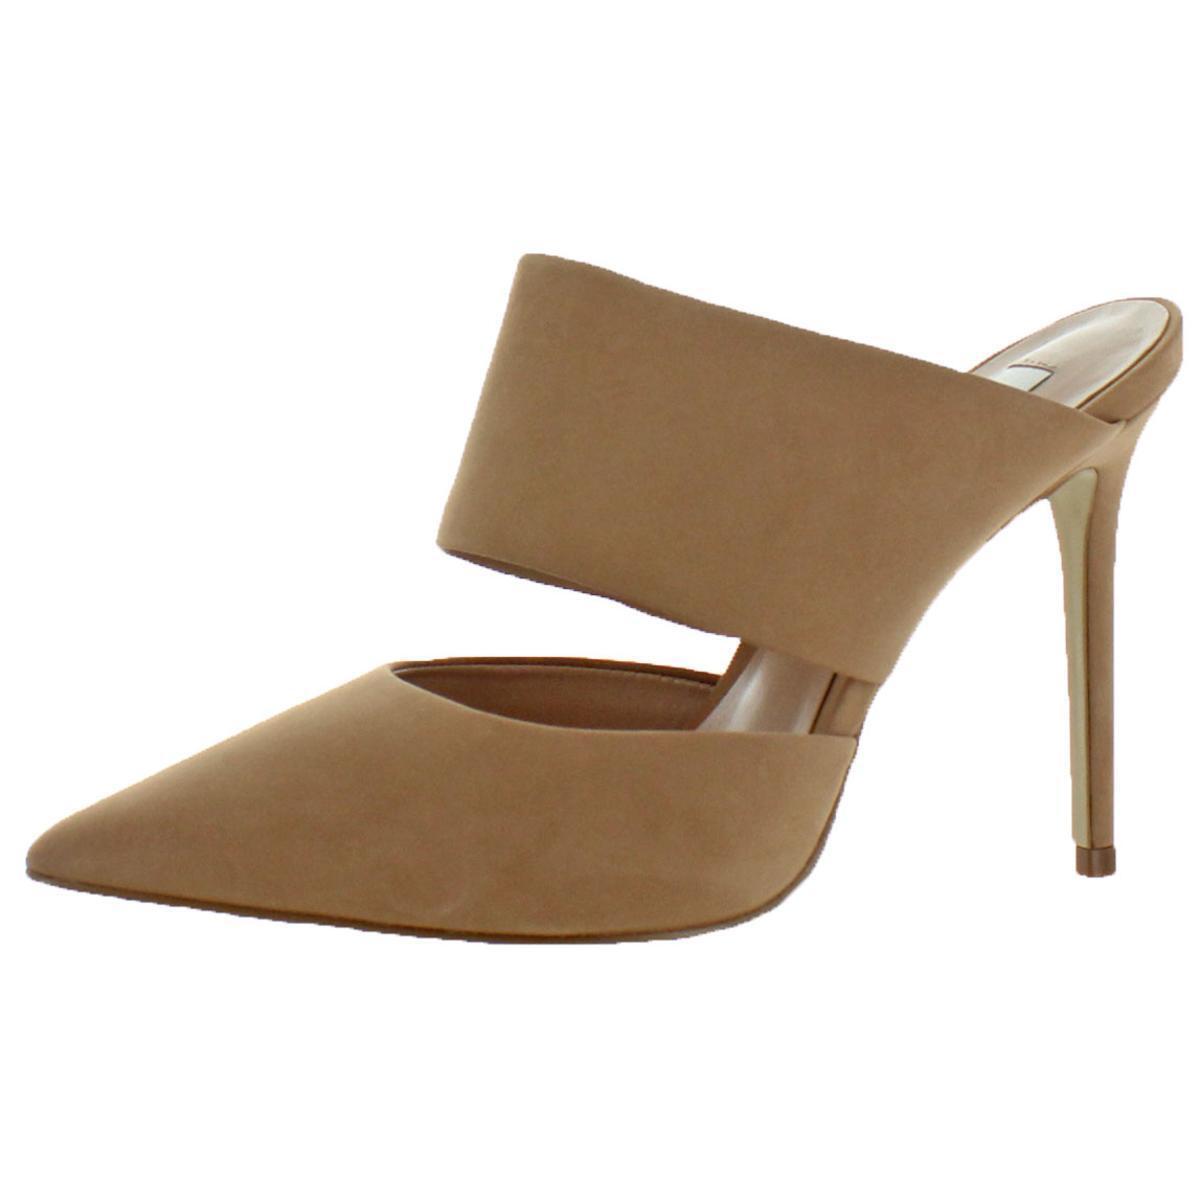 Steve Madden Para Mujer Mujer Mujer RAE tan Vestido de Moda Zapatos de salón 7.5 Medio (B, M) BHFO 7306  Ahorre 35% - 70% de descuento